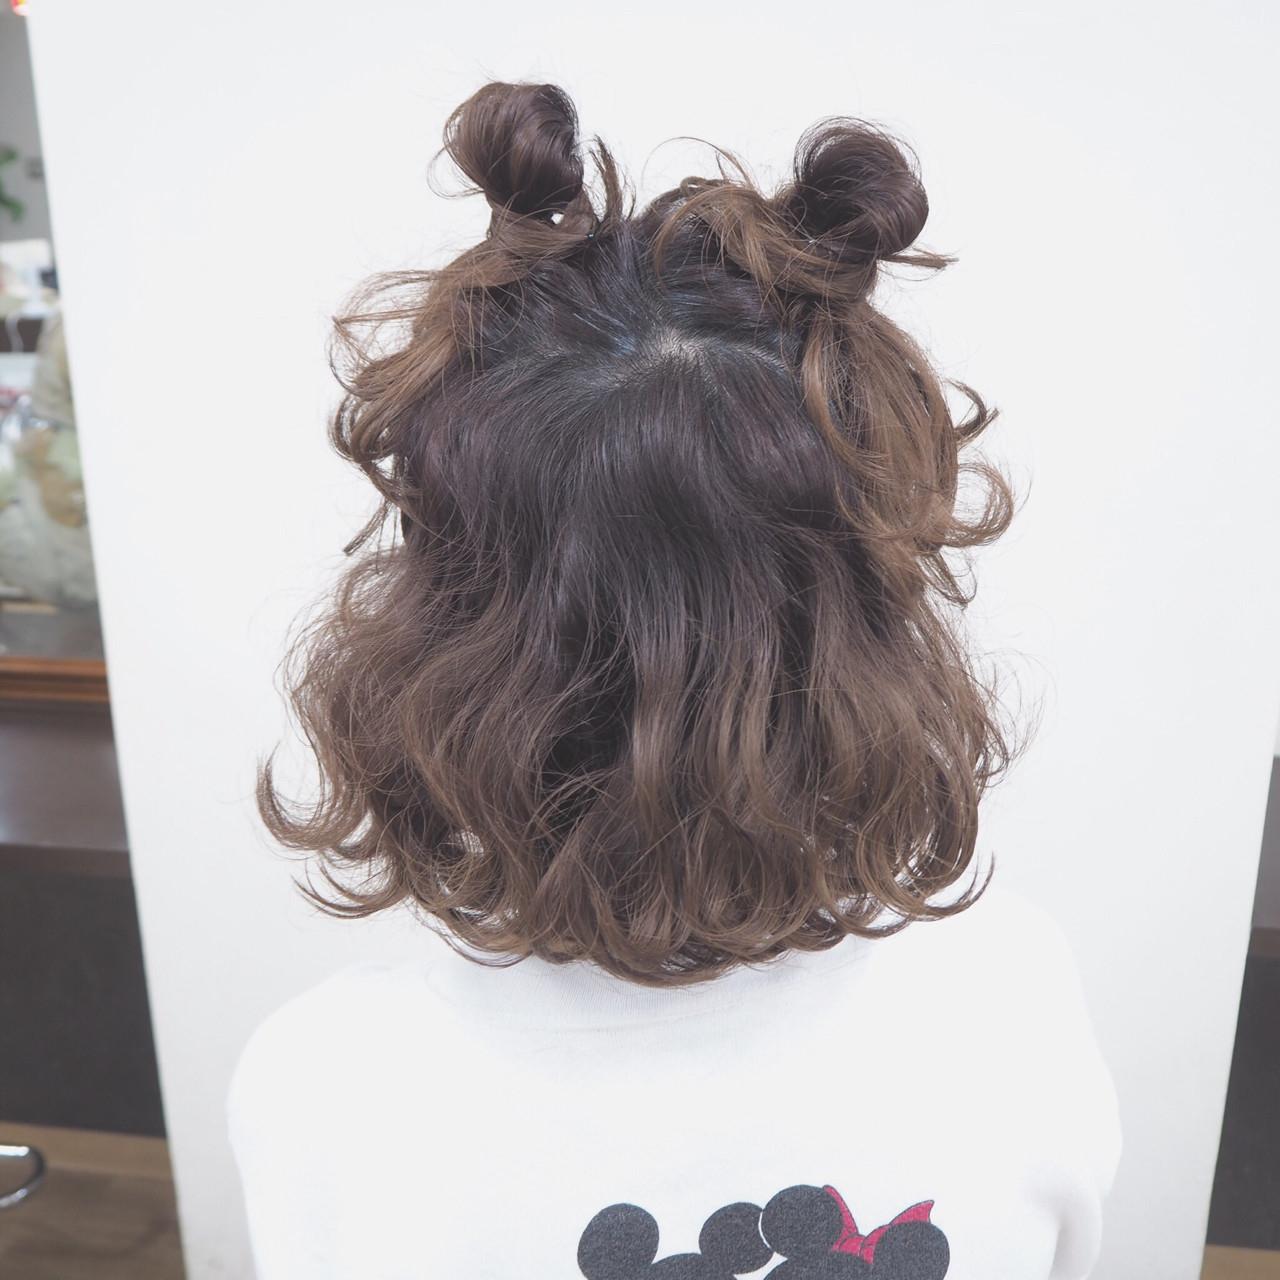 08|ツインお団子×ハーフアップ